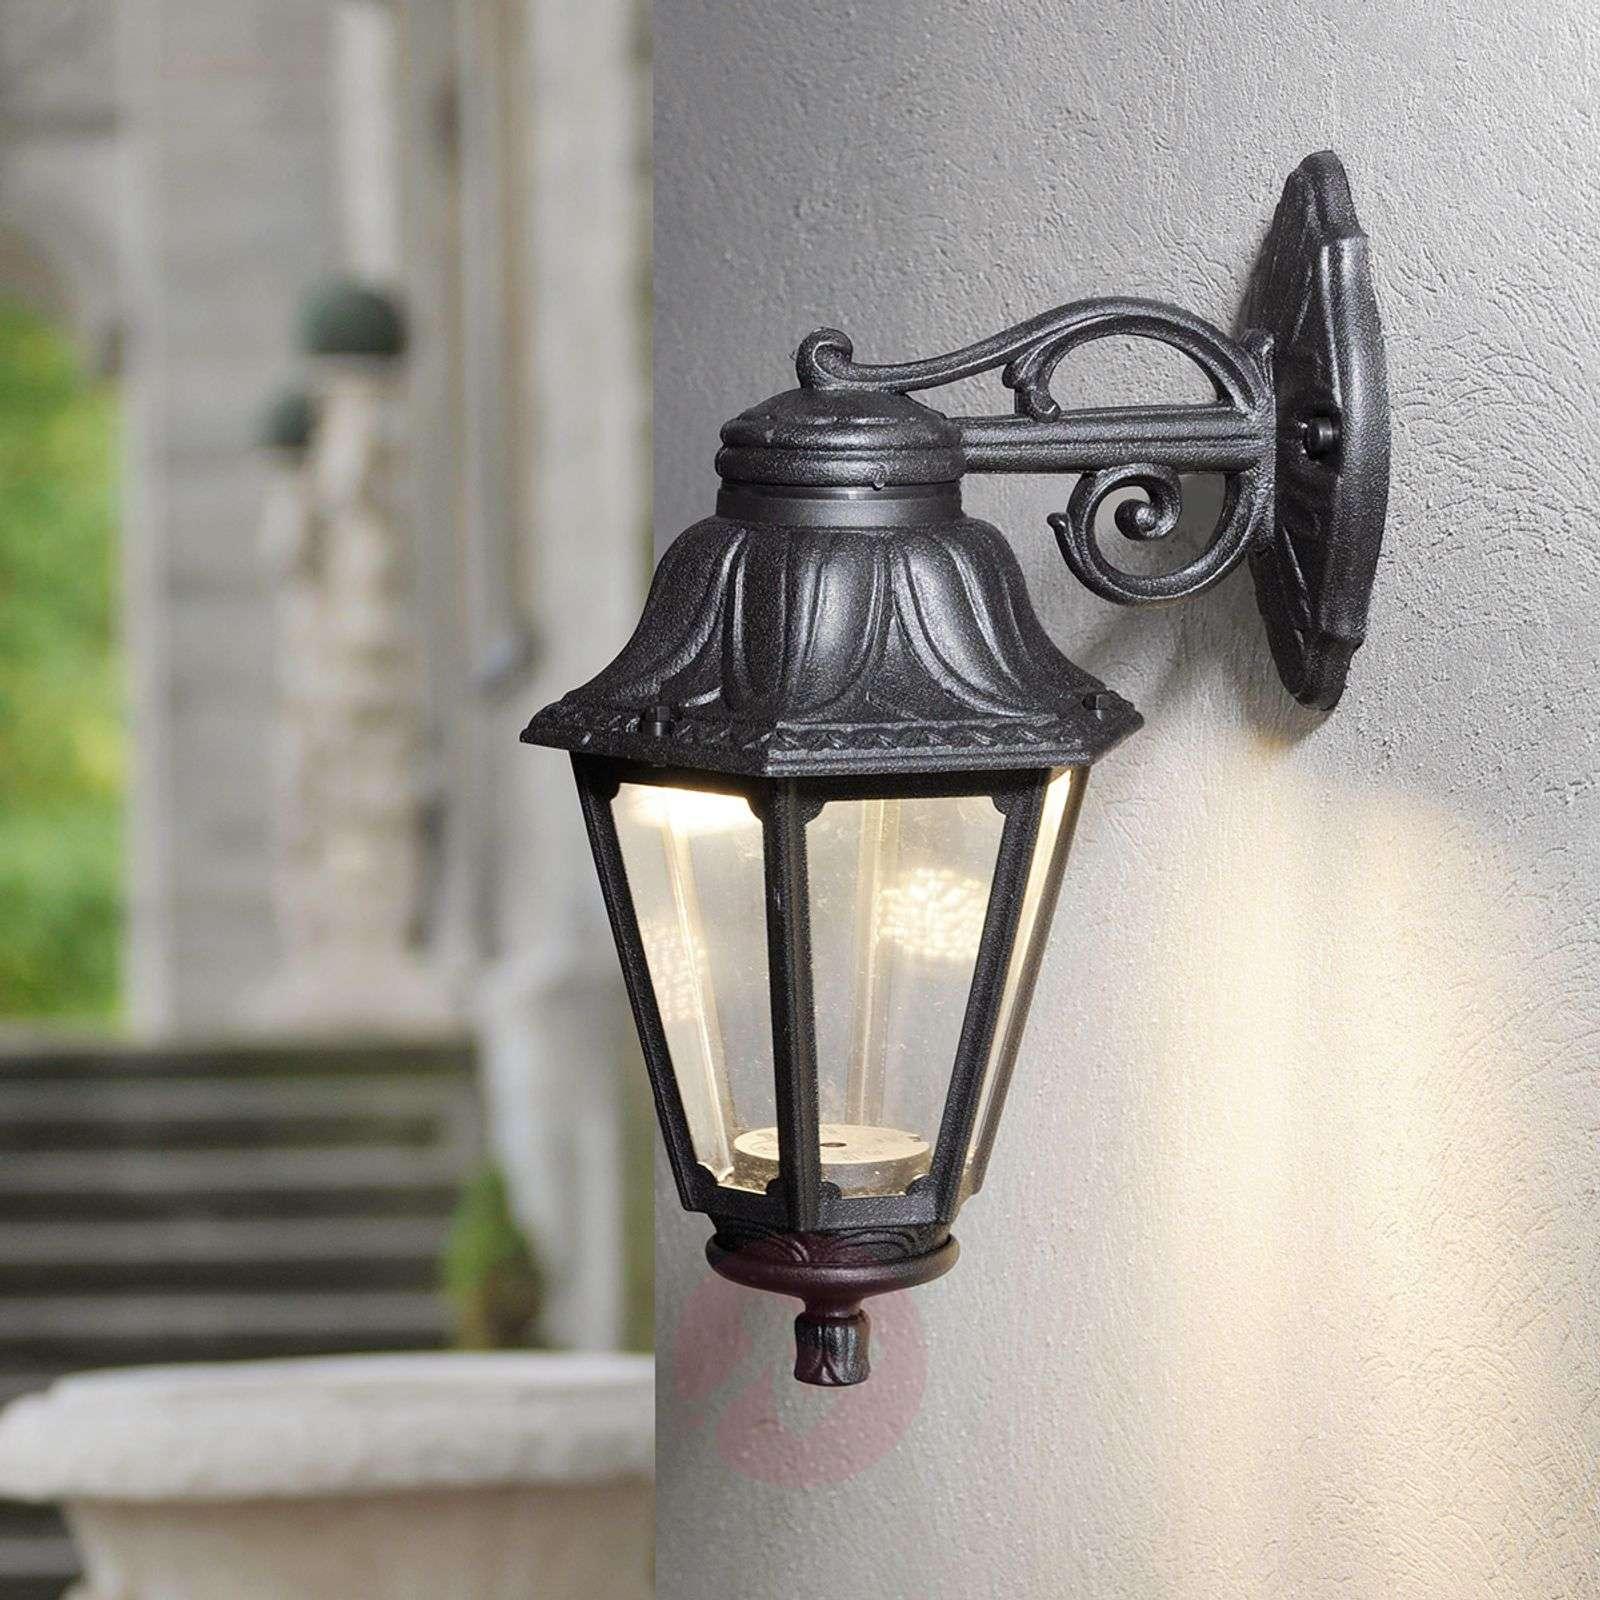 Ulkoseinävalaisin LED Bisso Anna – lyhdyt alas-3538028-03